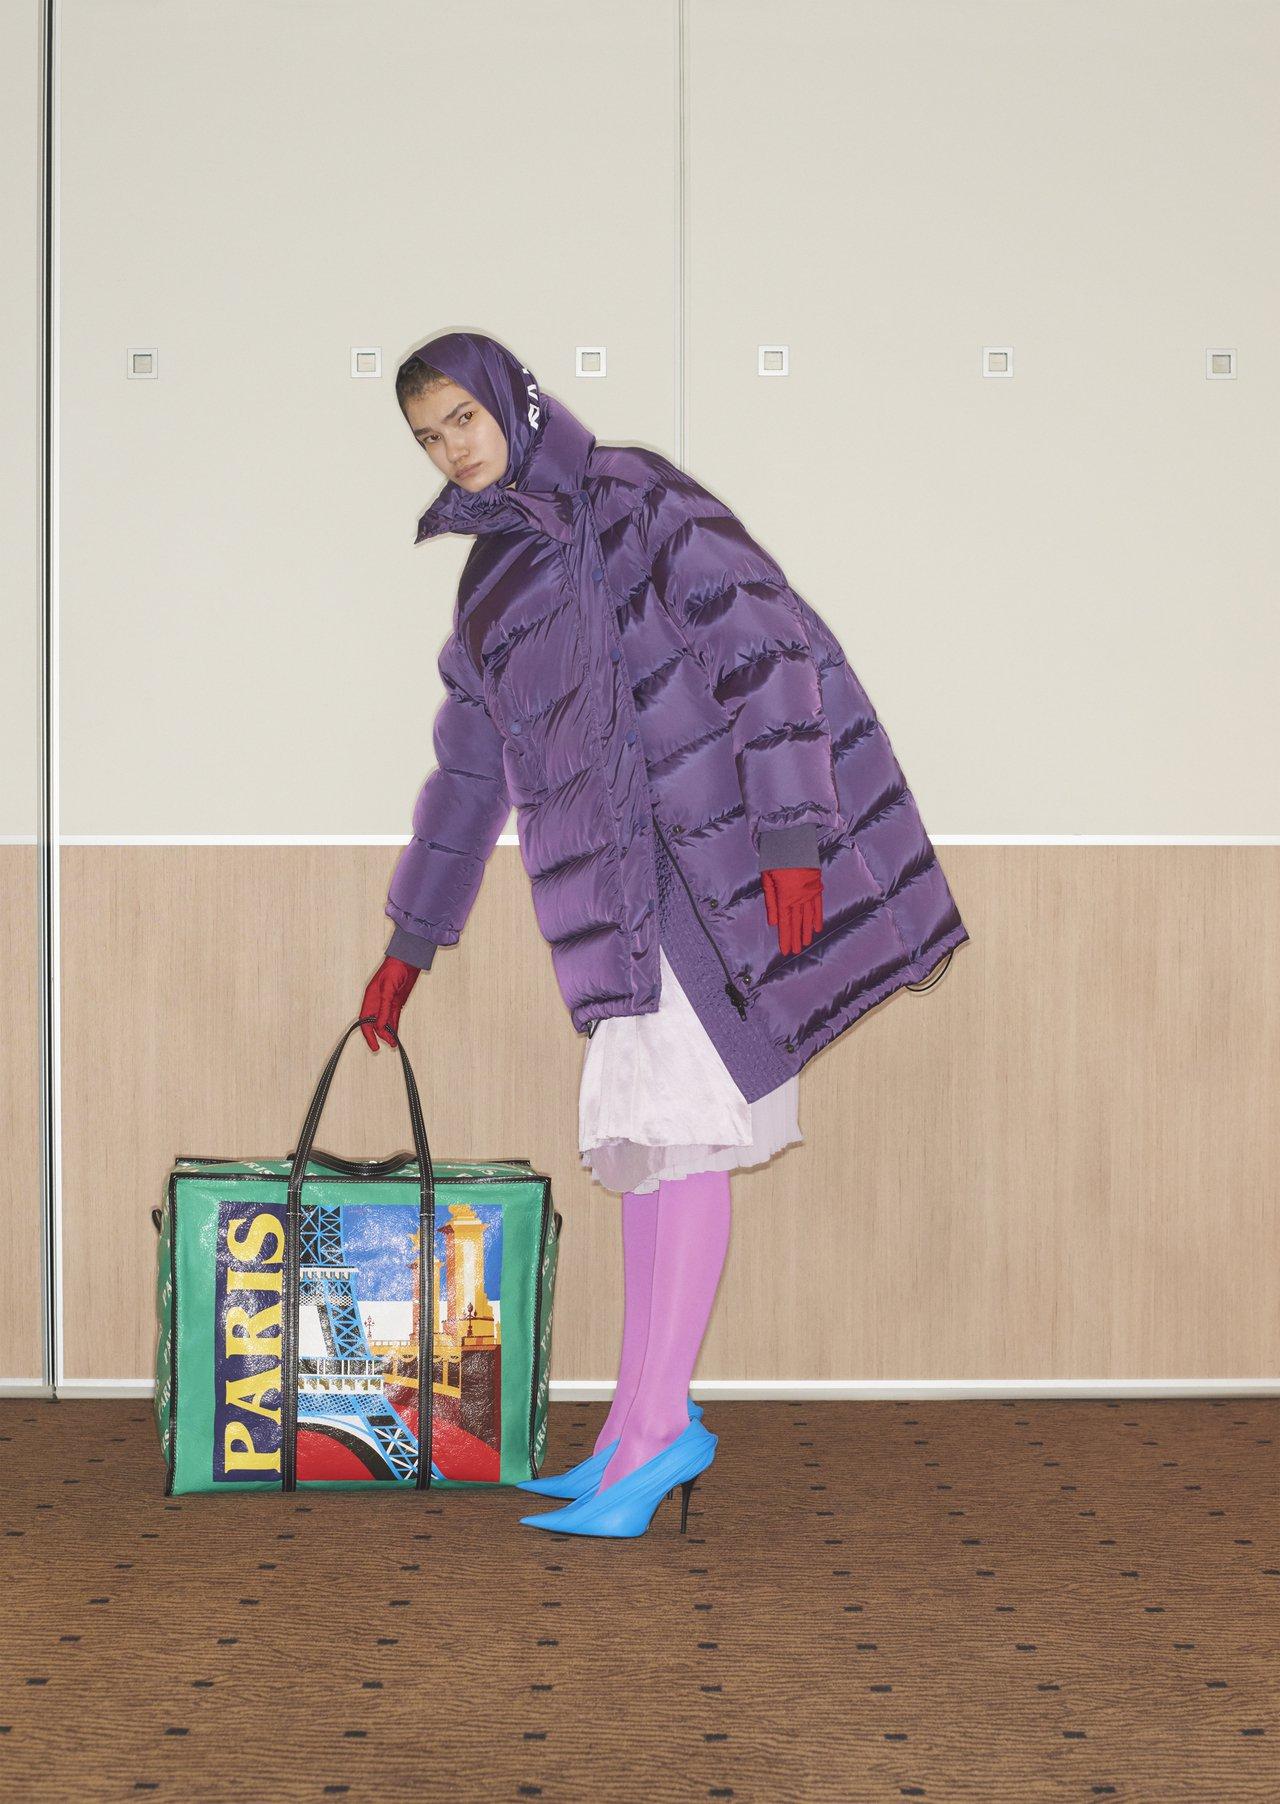 Balenciaga早春的一席羽絨大衣,同樣以帶有光澤感的紫色增添迷離神秘的氣息...